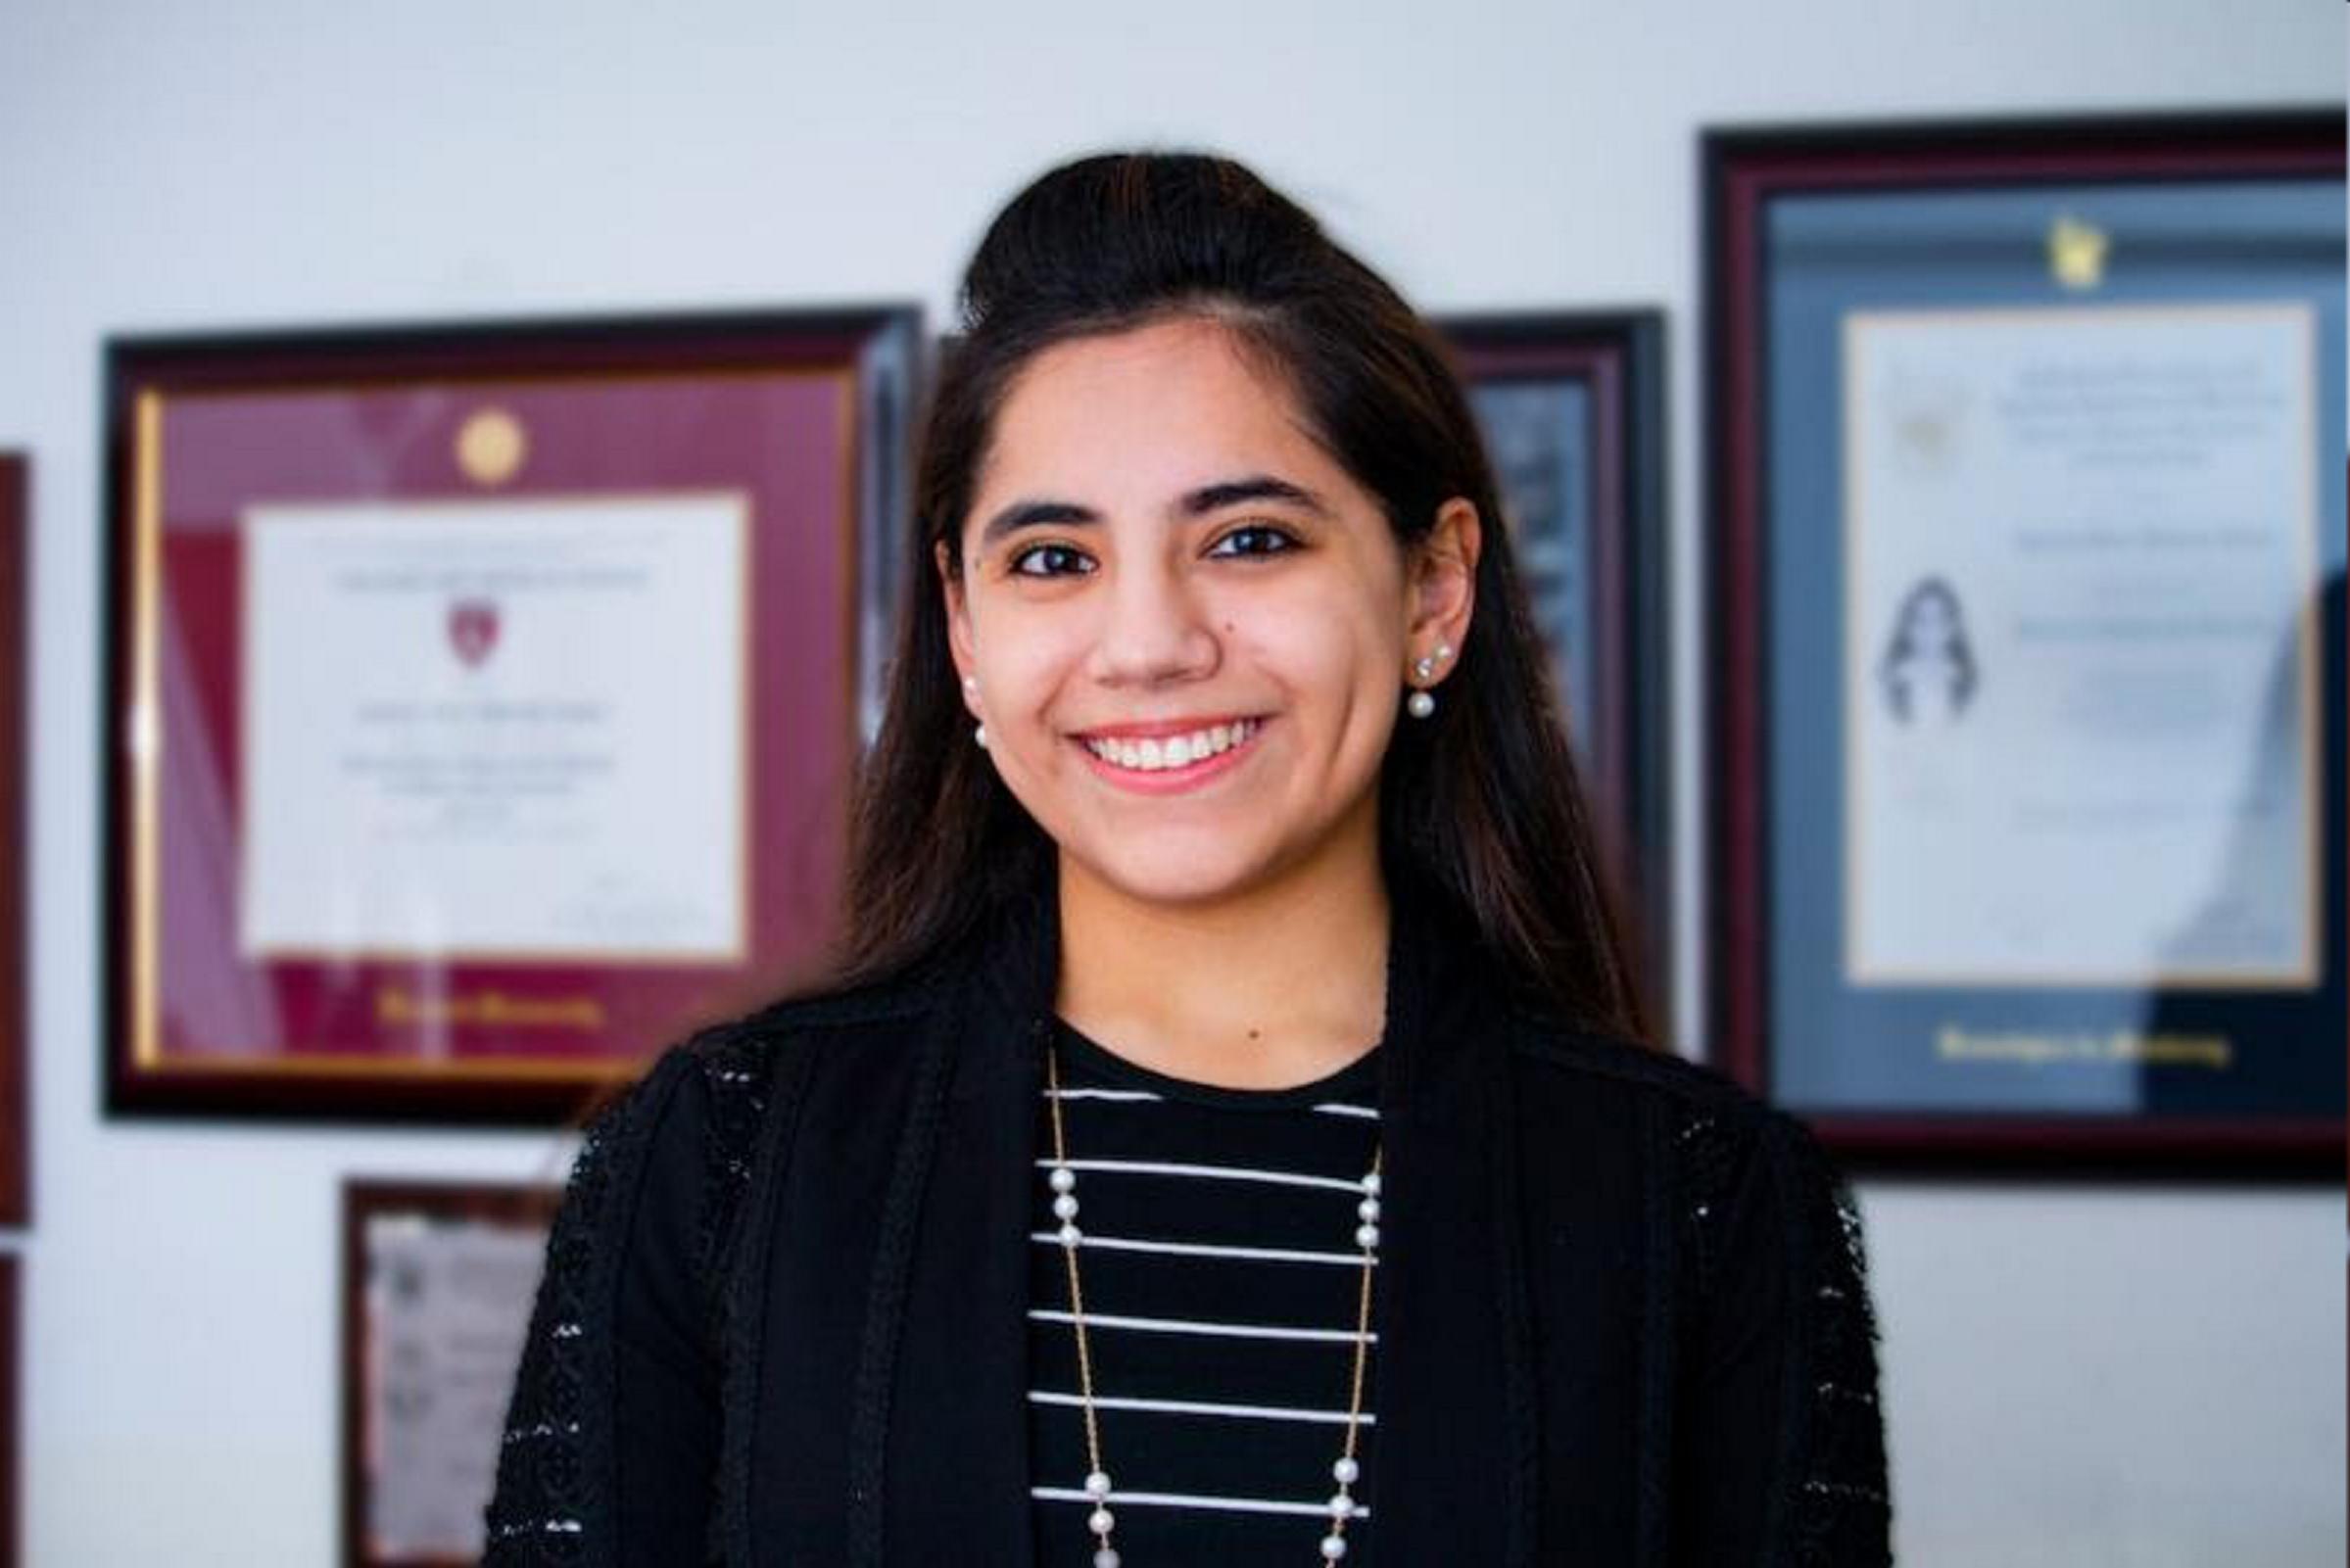 ¿Qué proyecto realizará Dafne Almazán en su curso en Harvard?